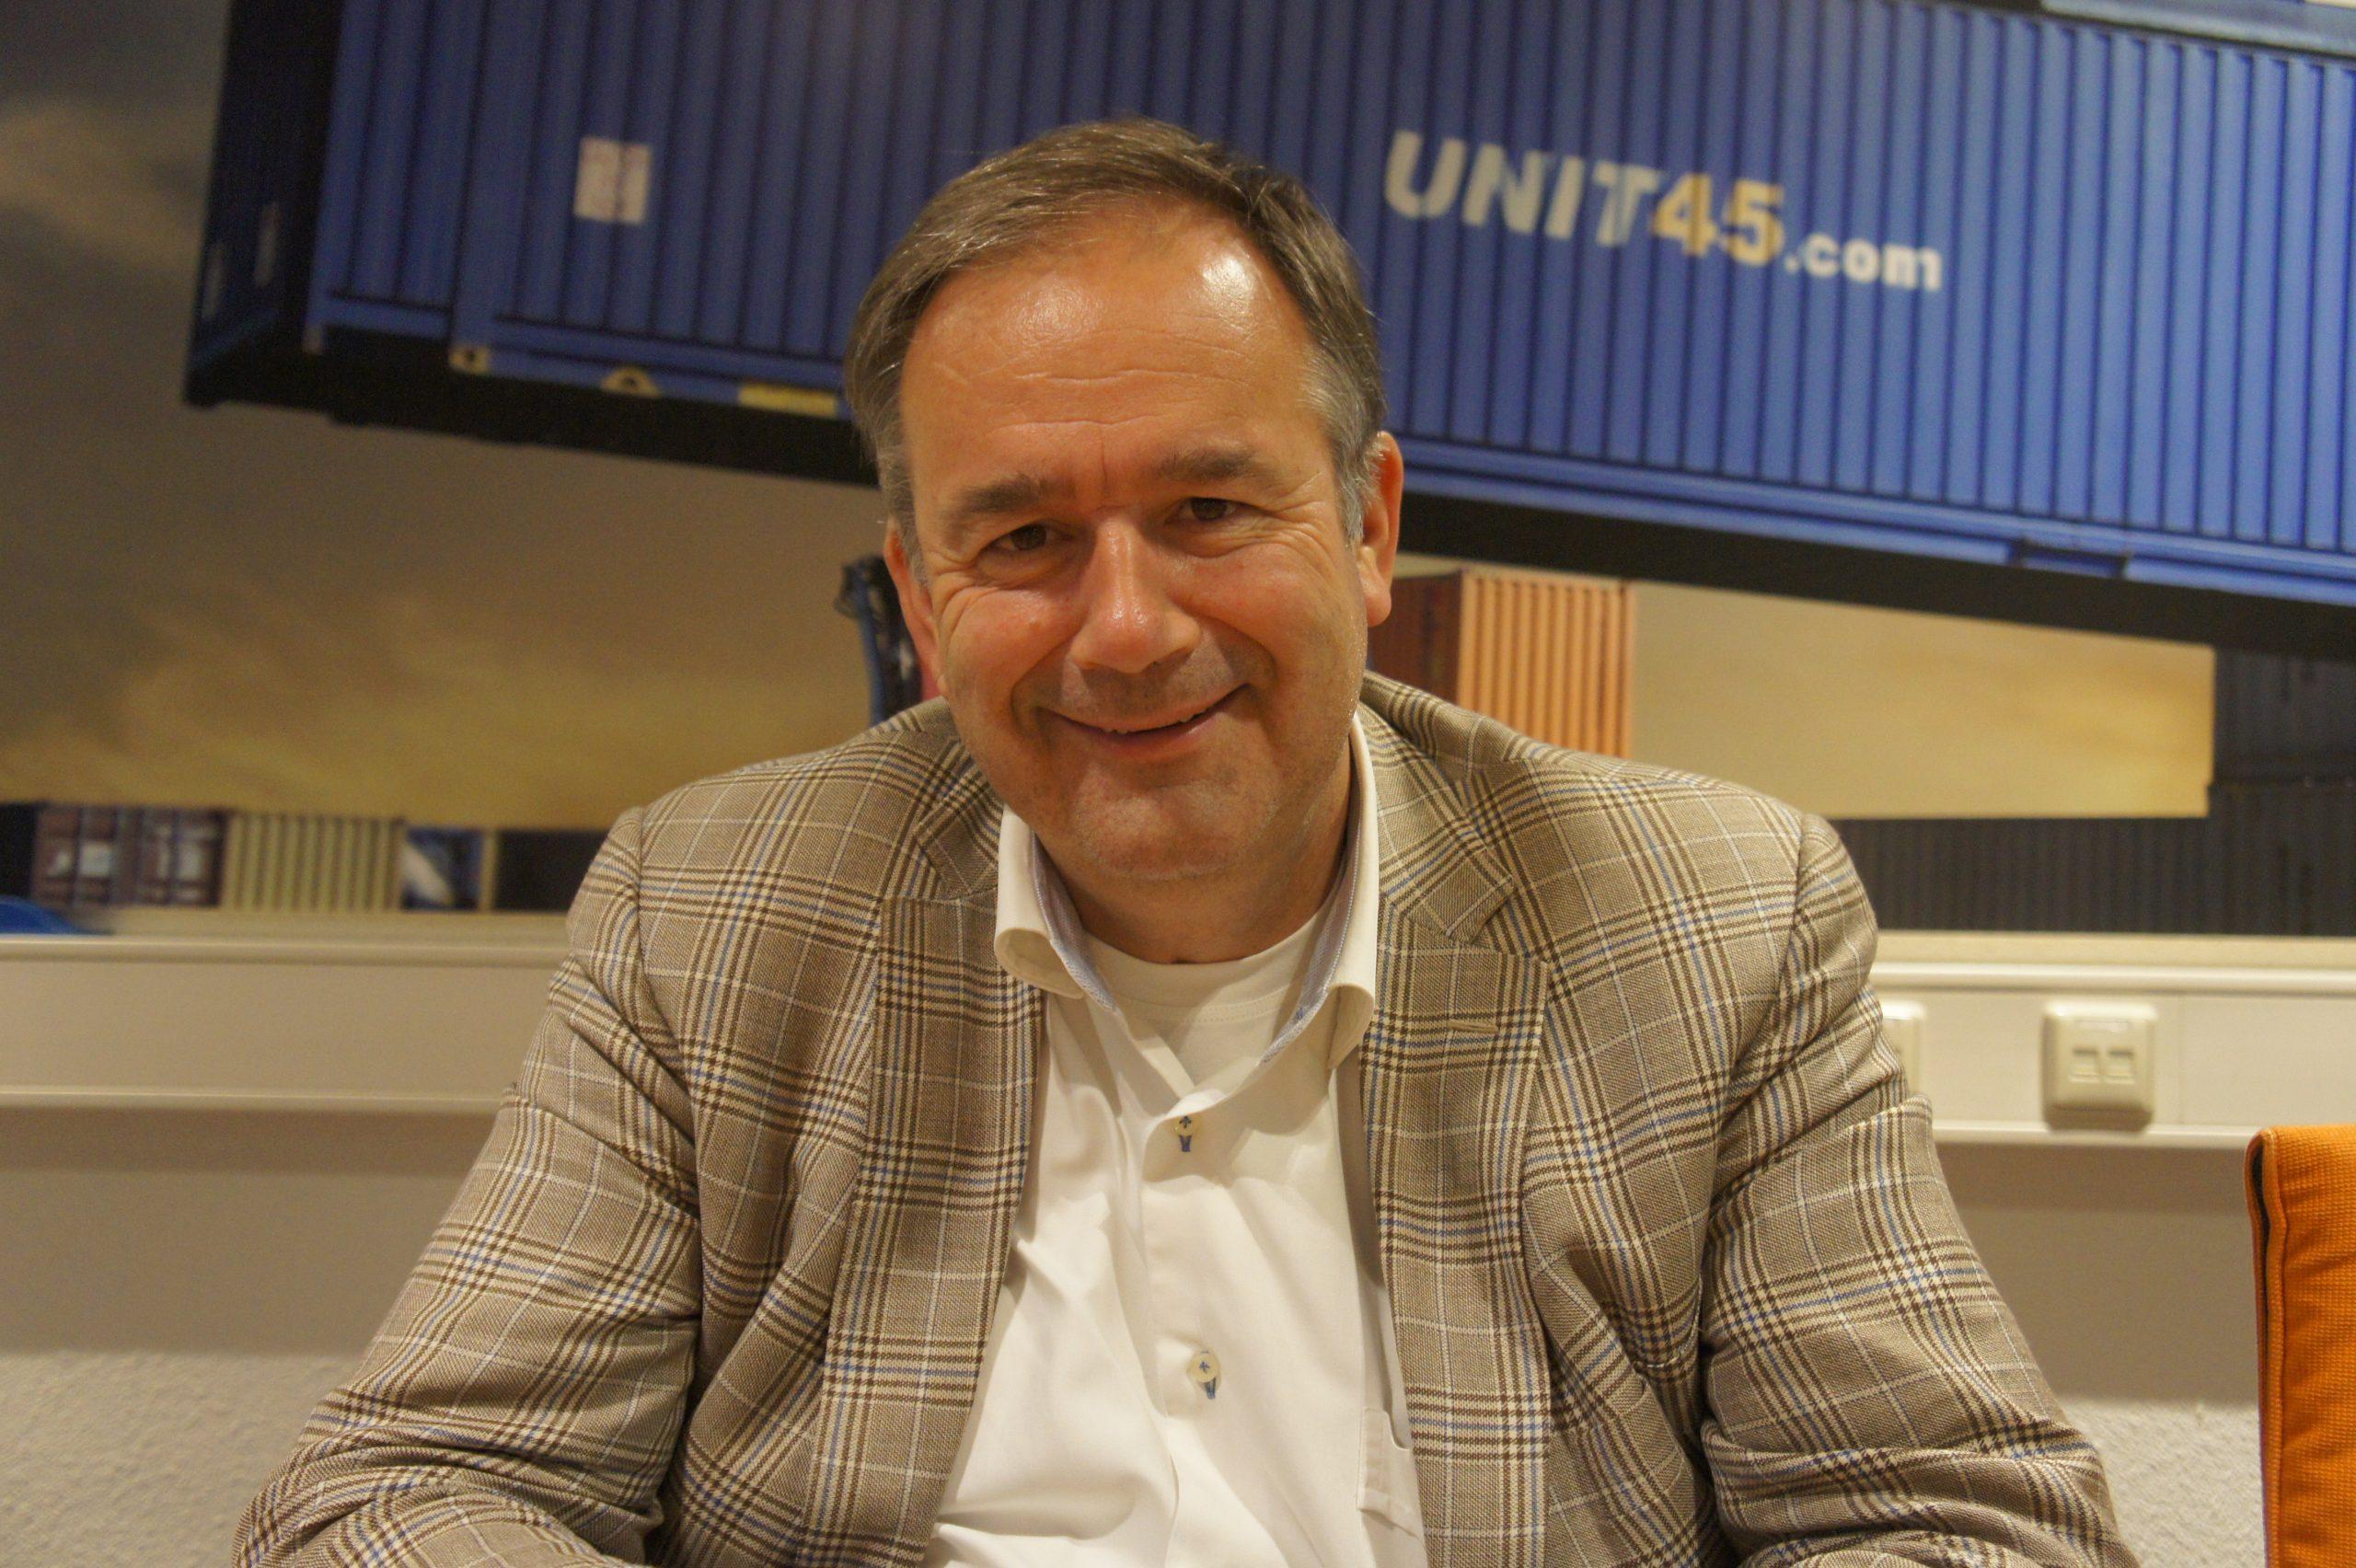 algemeen directeur Unit 45 Jan Koolen